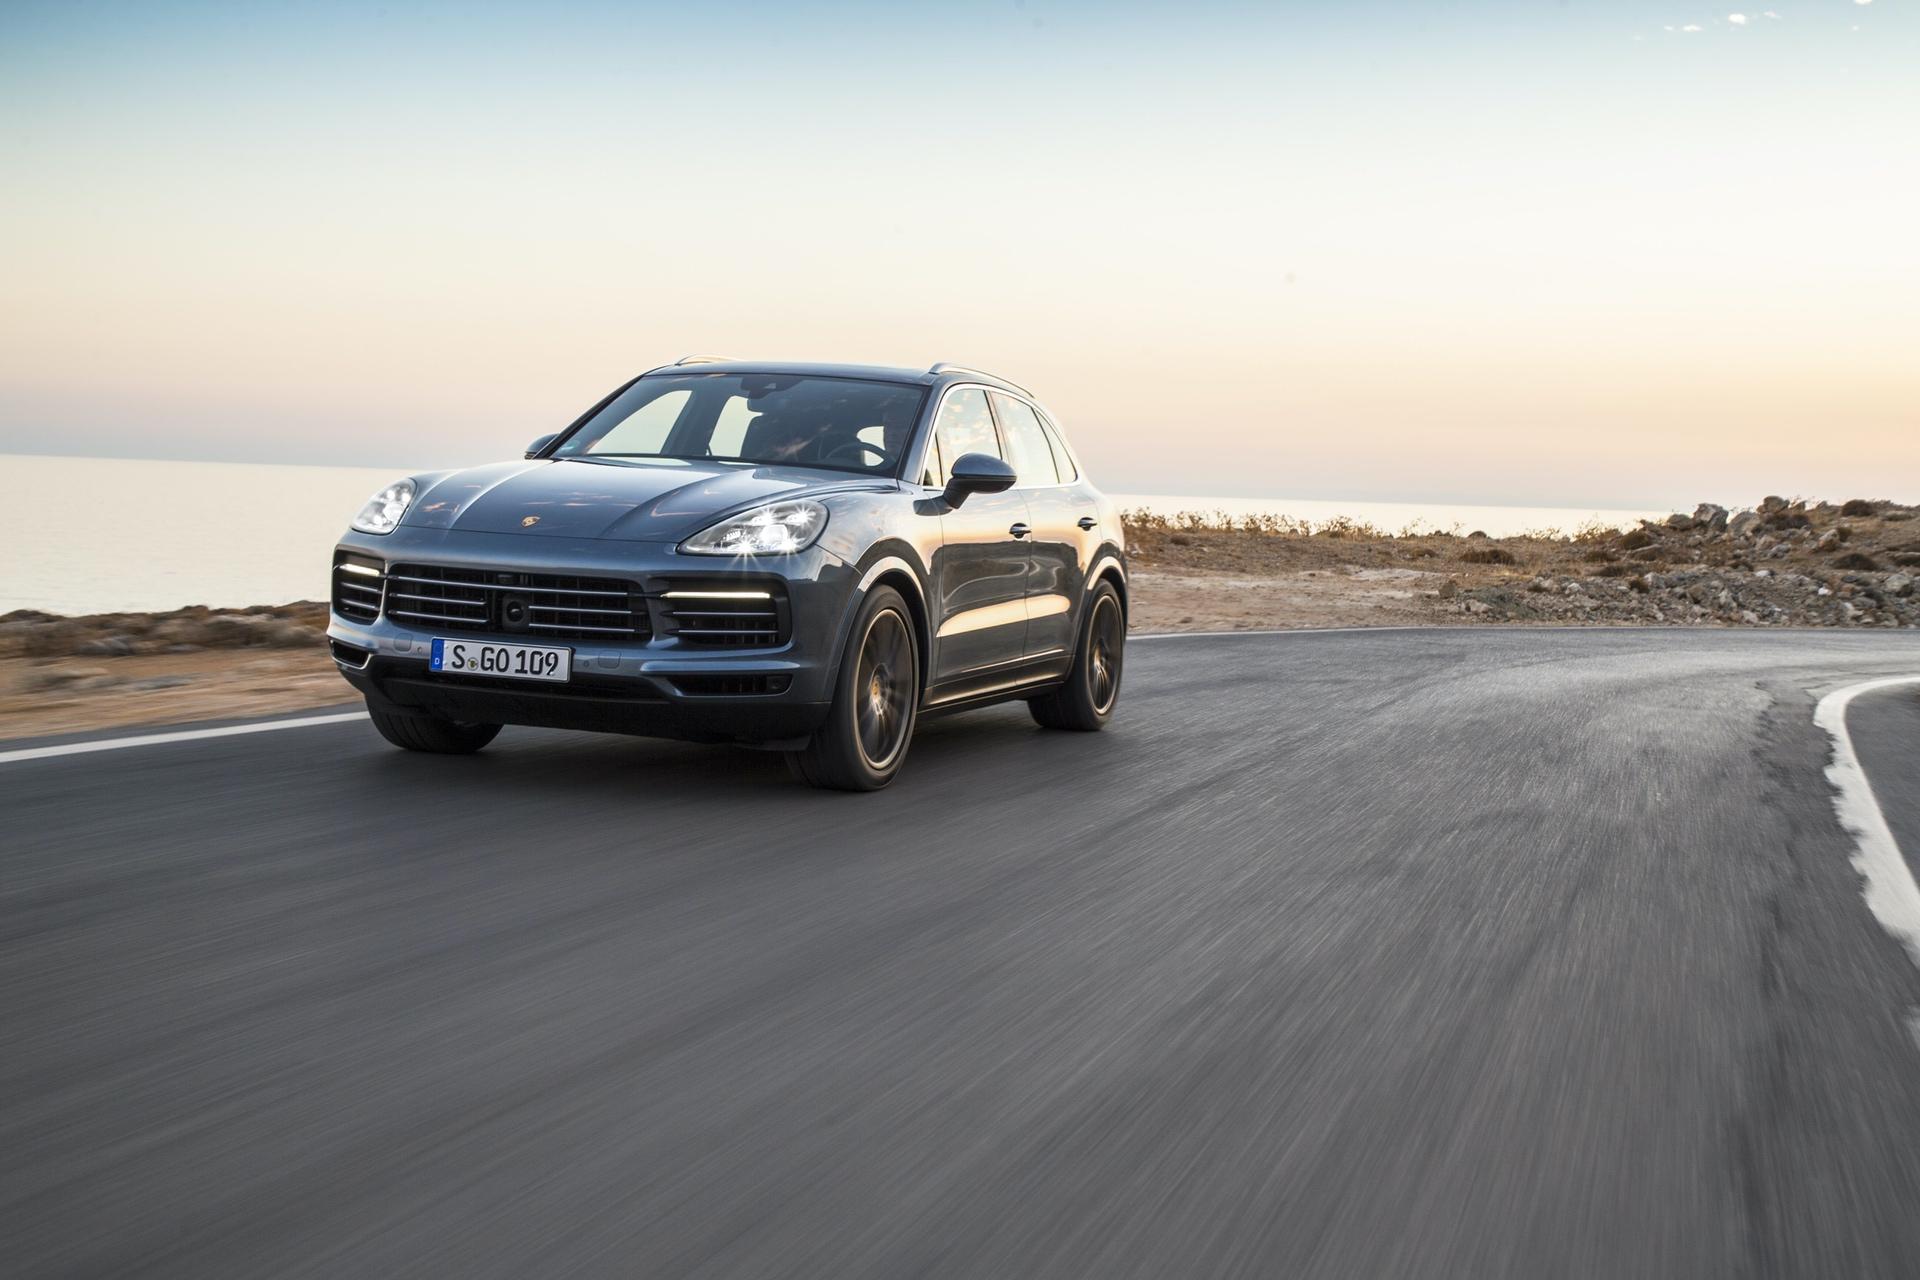 Test_Drive_Porsche_Cayenne_302